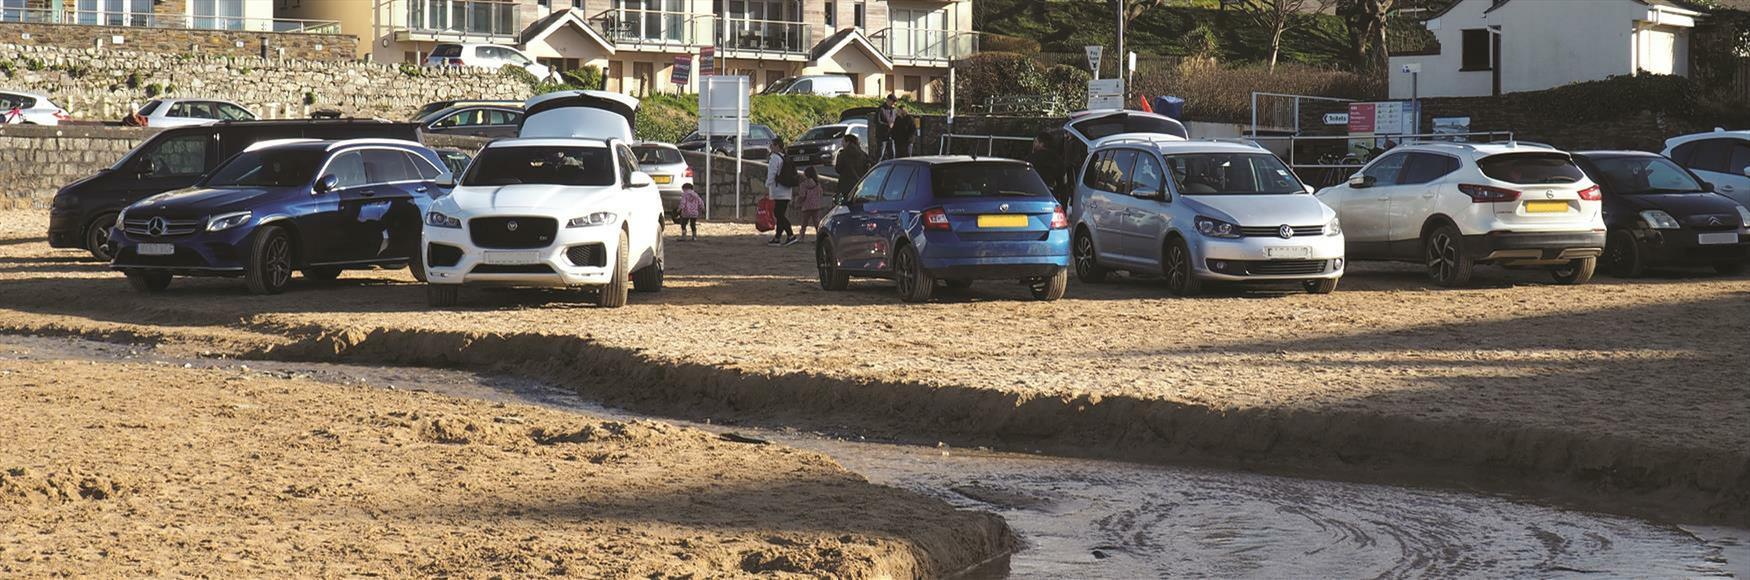 Porth Beach Car Park